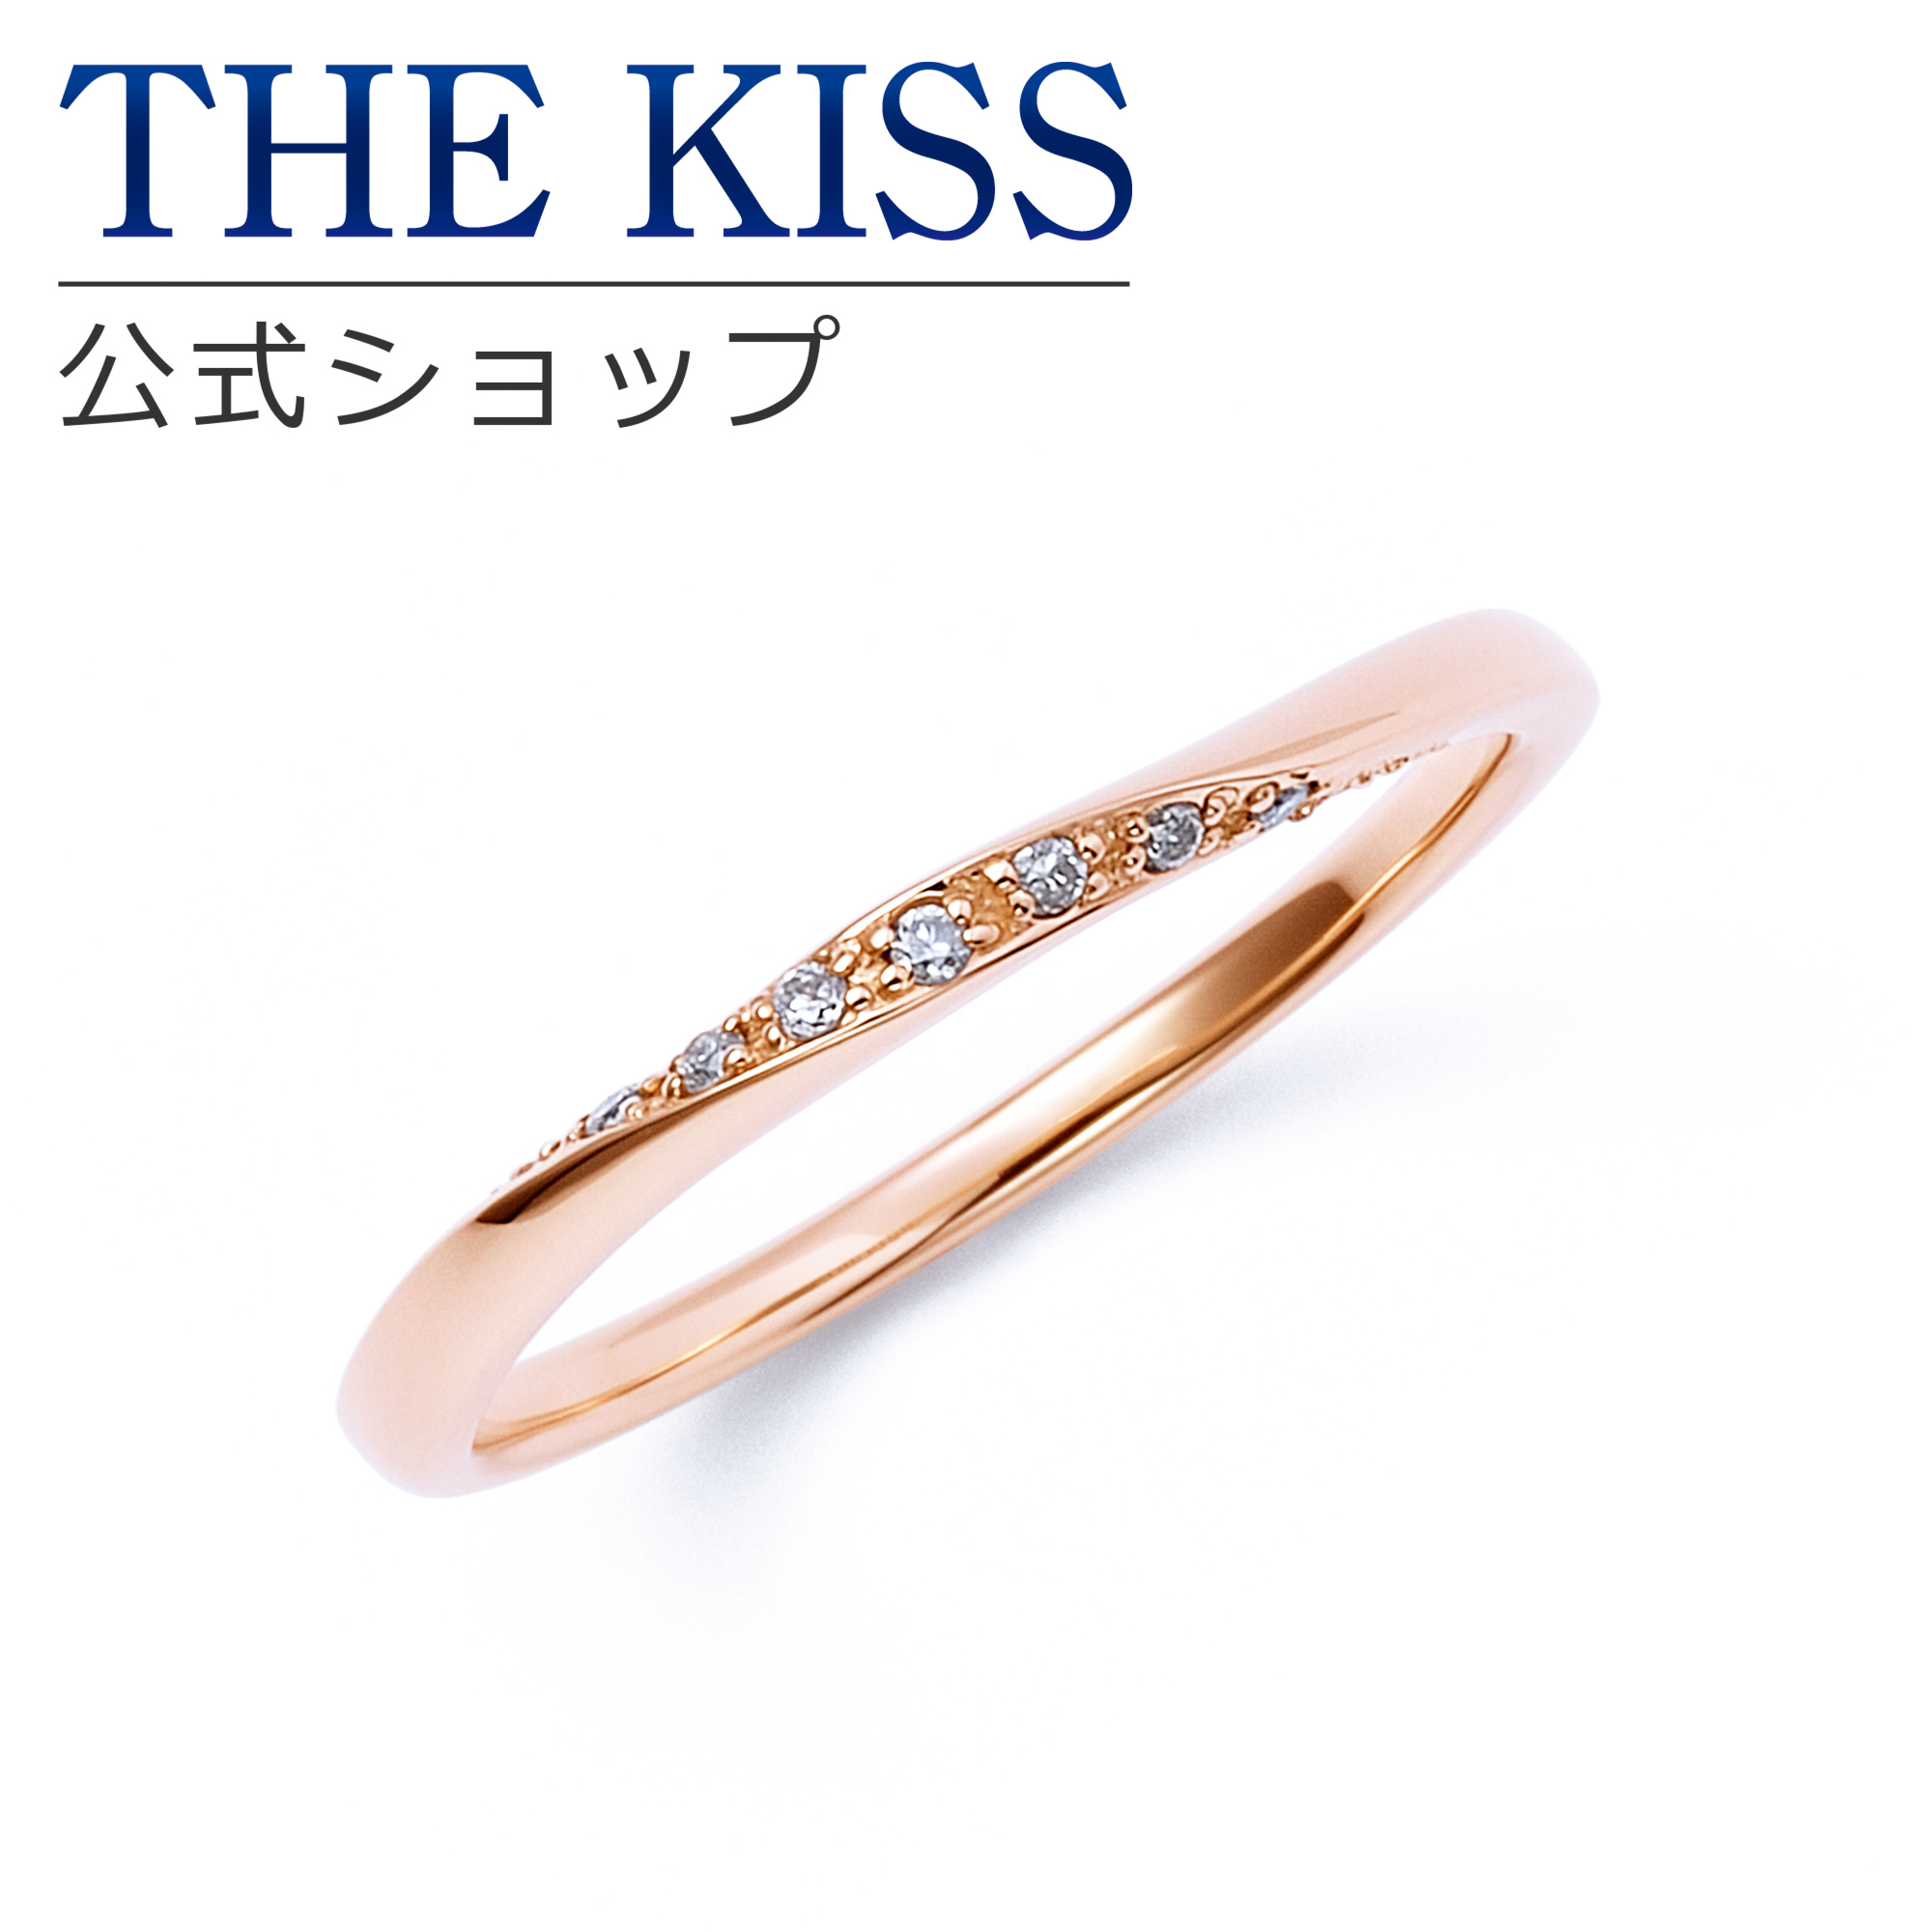 【あす楽対応】【送料無料】【THE KISS sweets】【ペアリング】 K10ピンクゴールド ダイヤモンド レディース リング (レディース単品)☆ ダイヤモンド ゴールド ペア リング 指輪 ブランド Diamond GOLD Pair Ring couple